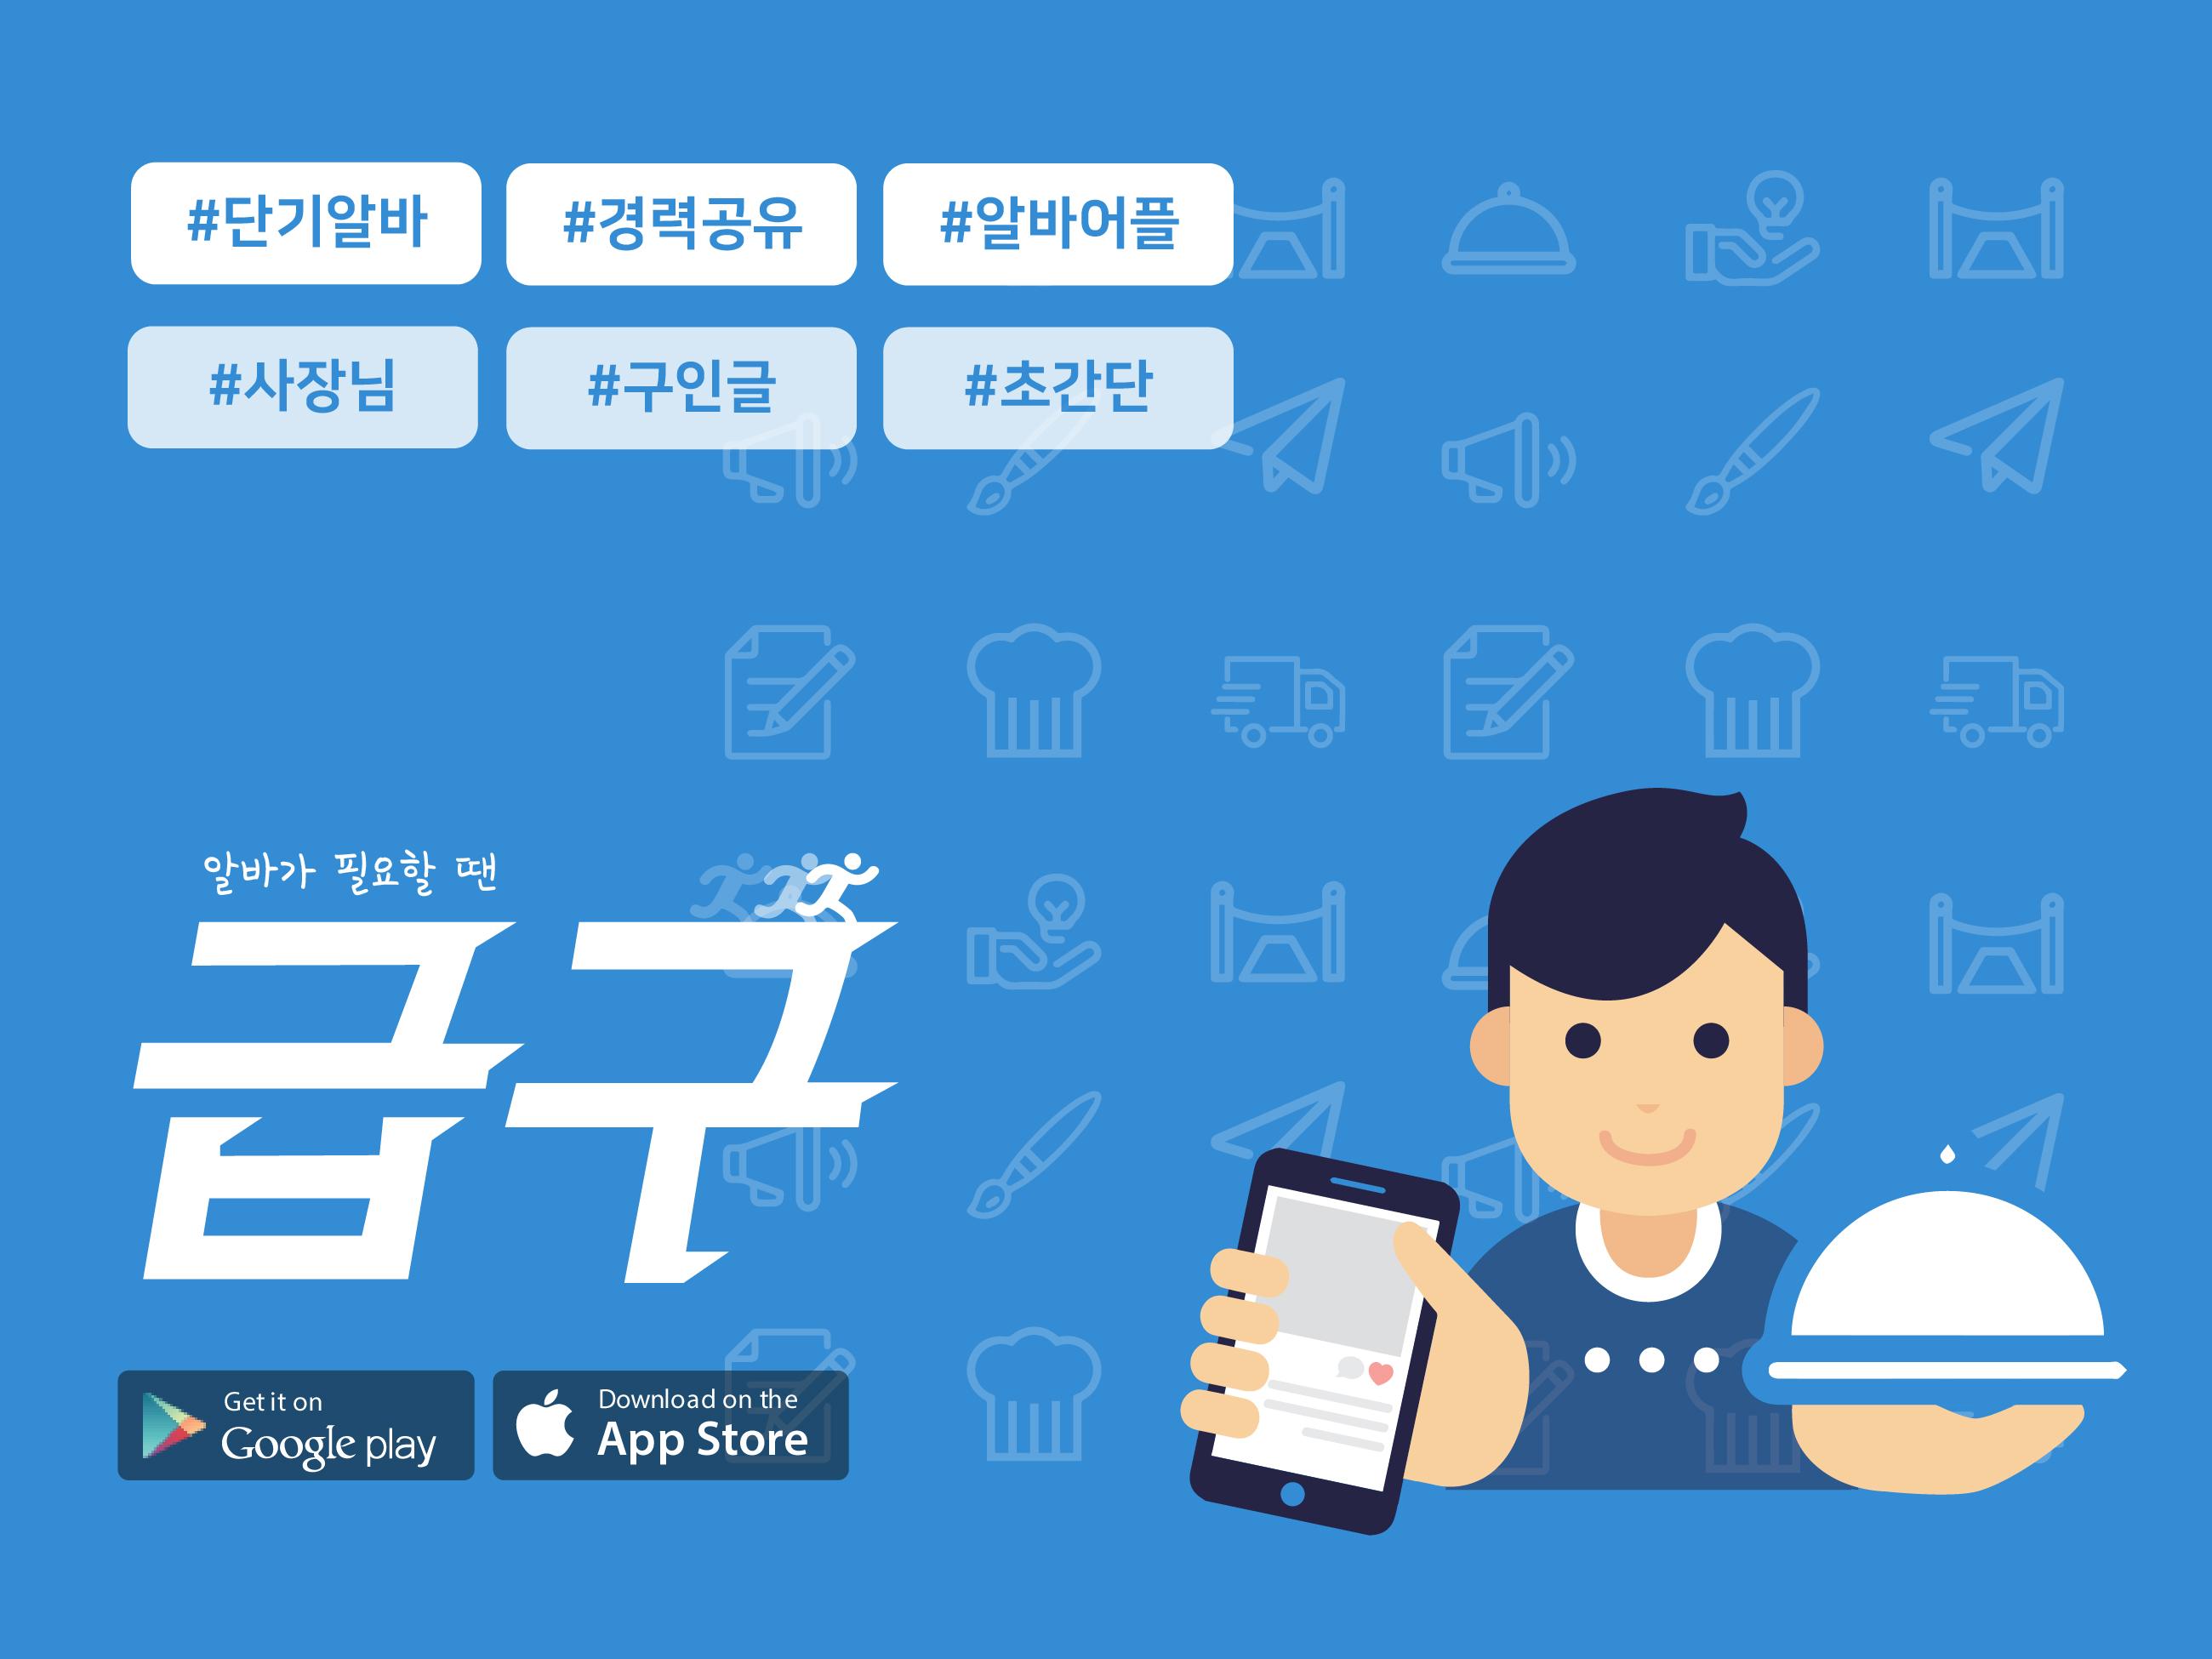 gubgoo-service